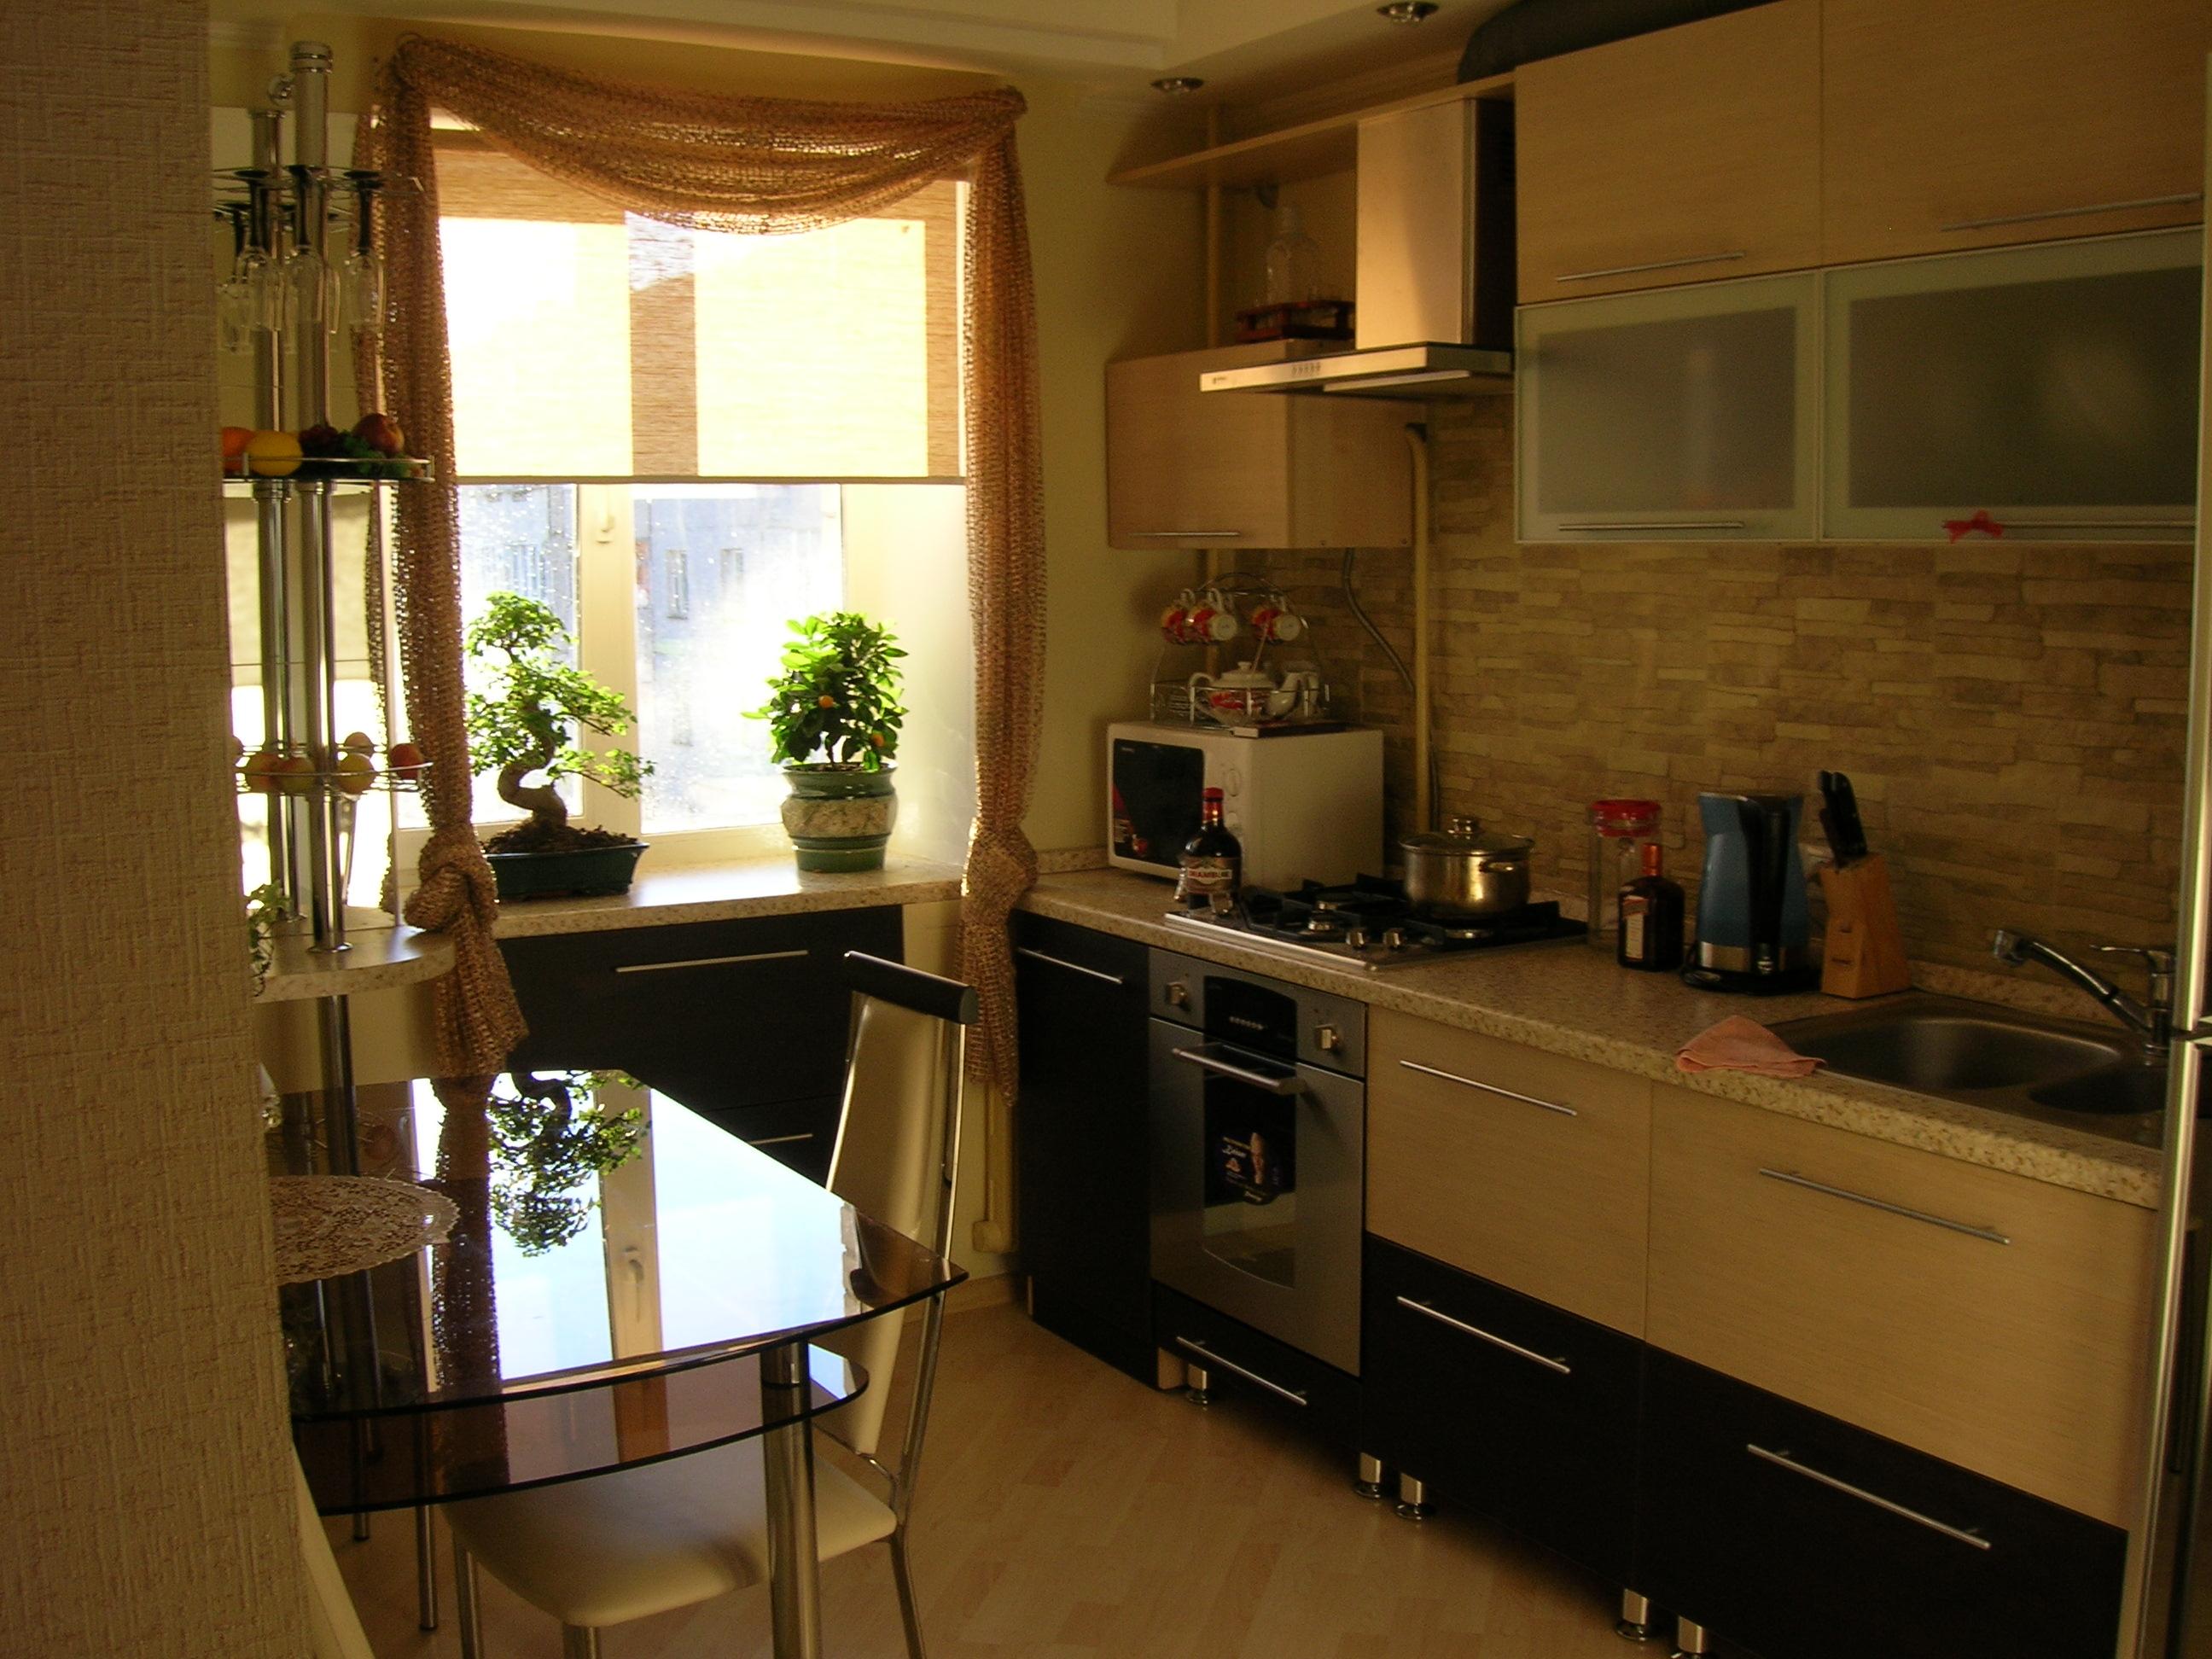 фото кухни 011.JPG